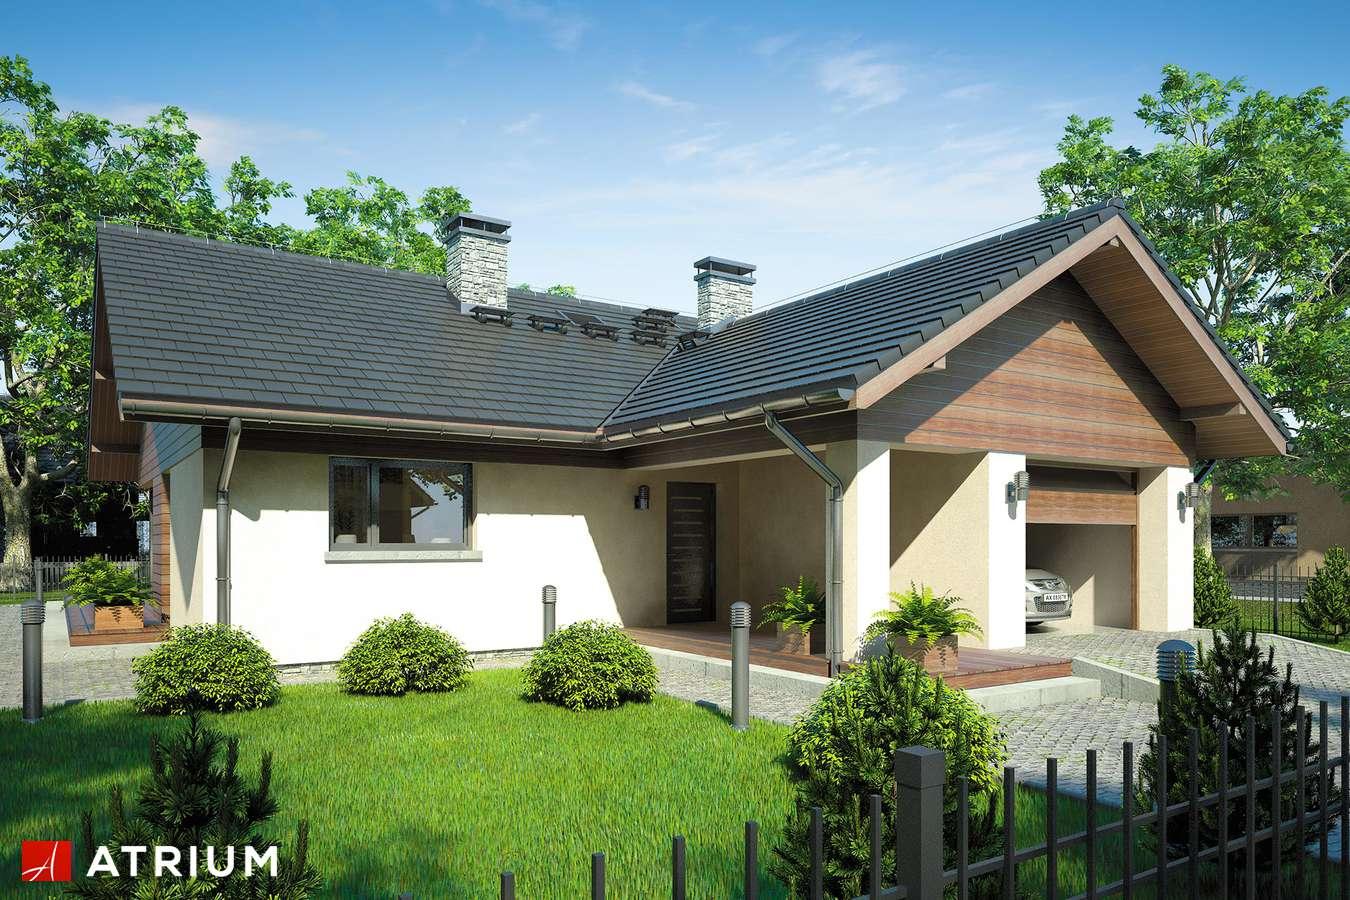 Projekty domów - Projekt domu parterowego WINSTON - wizualizacja 1